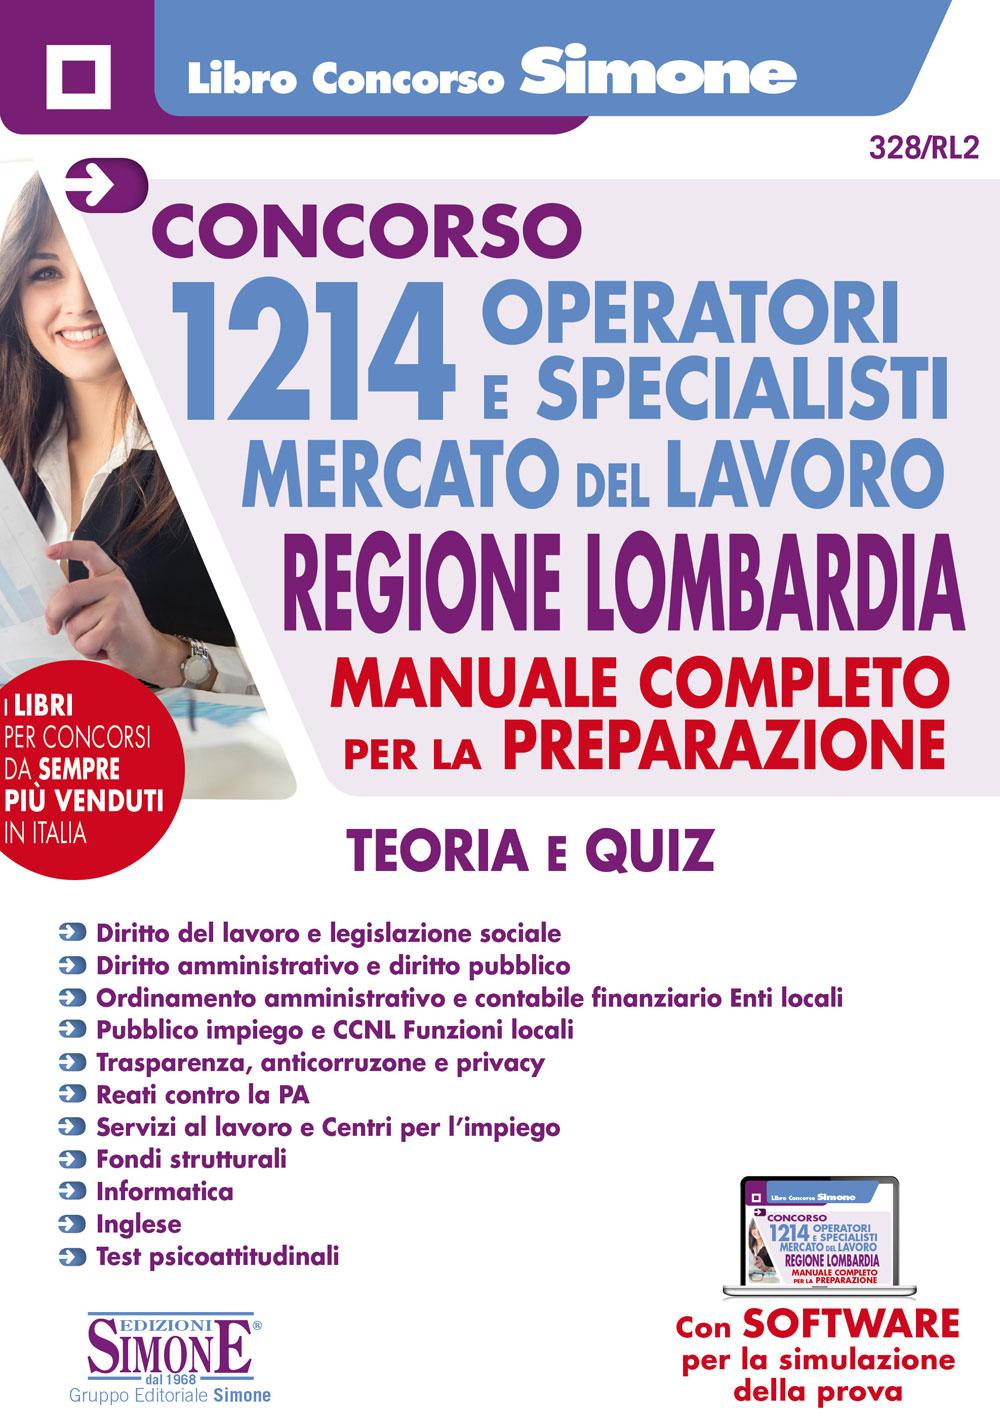 Manuale Concorso Regione Lombardia